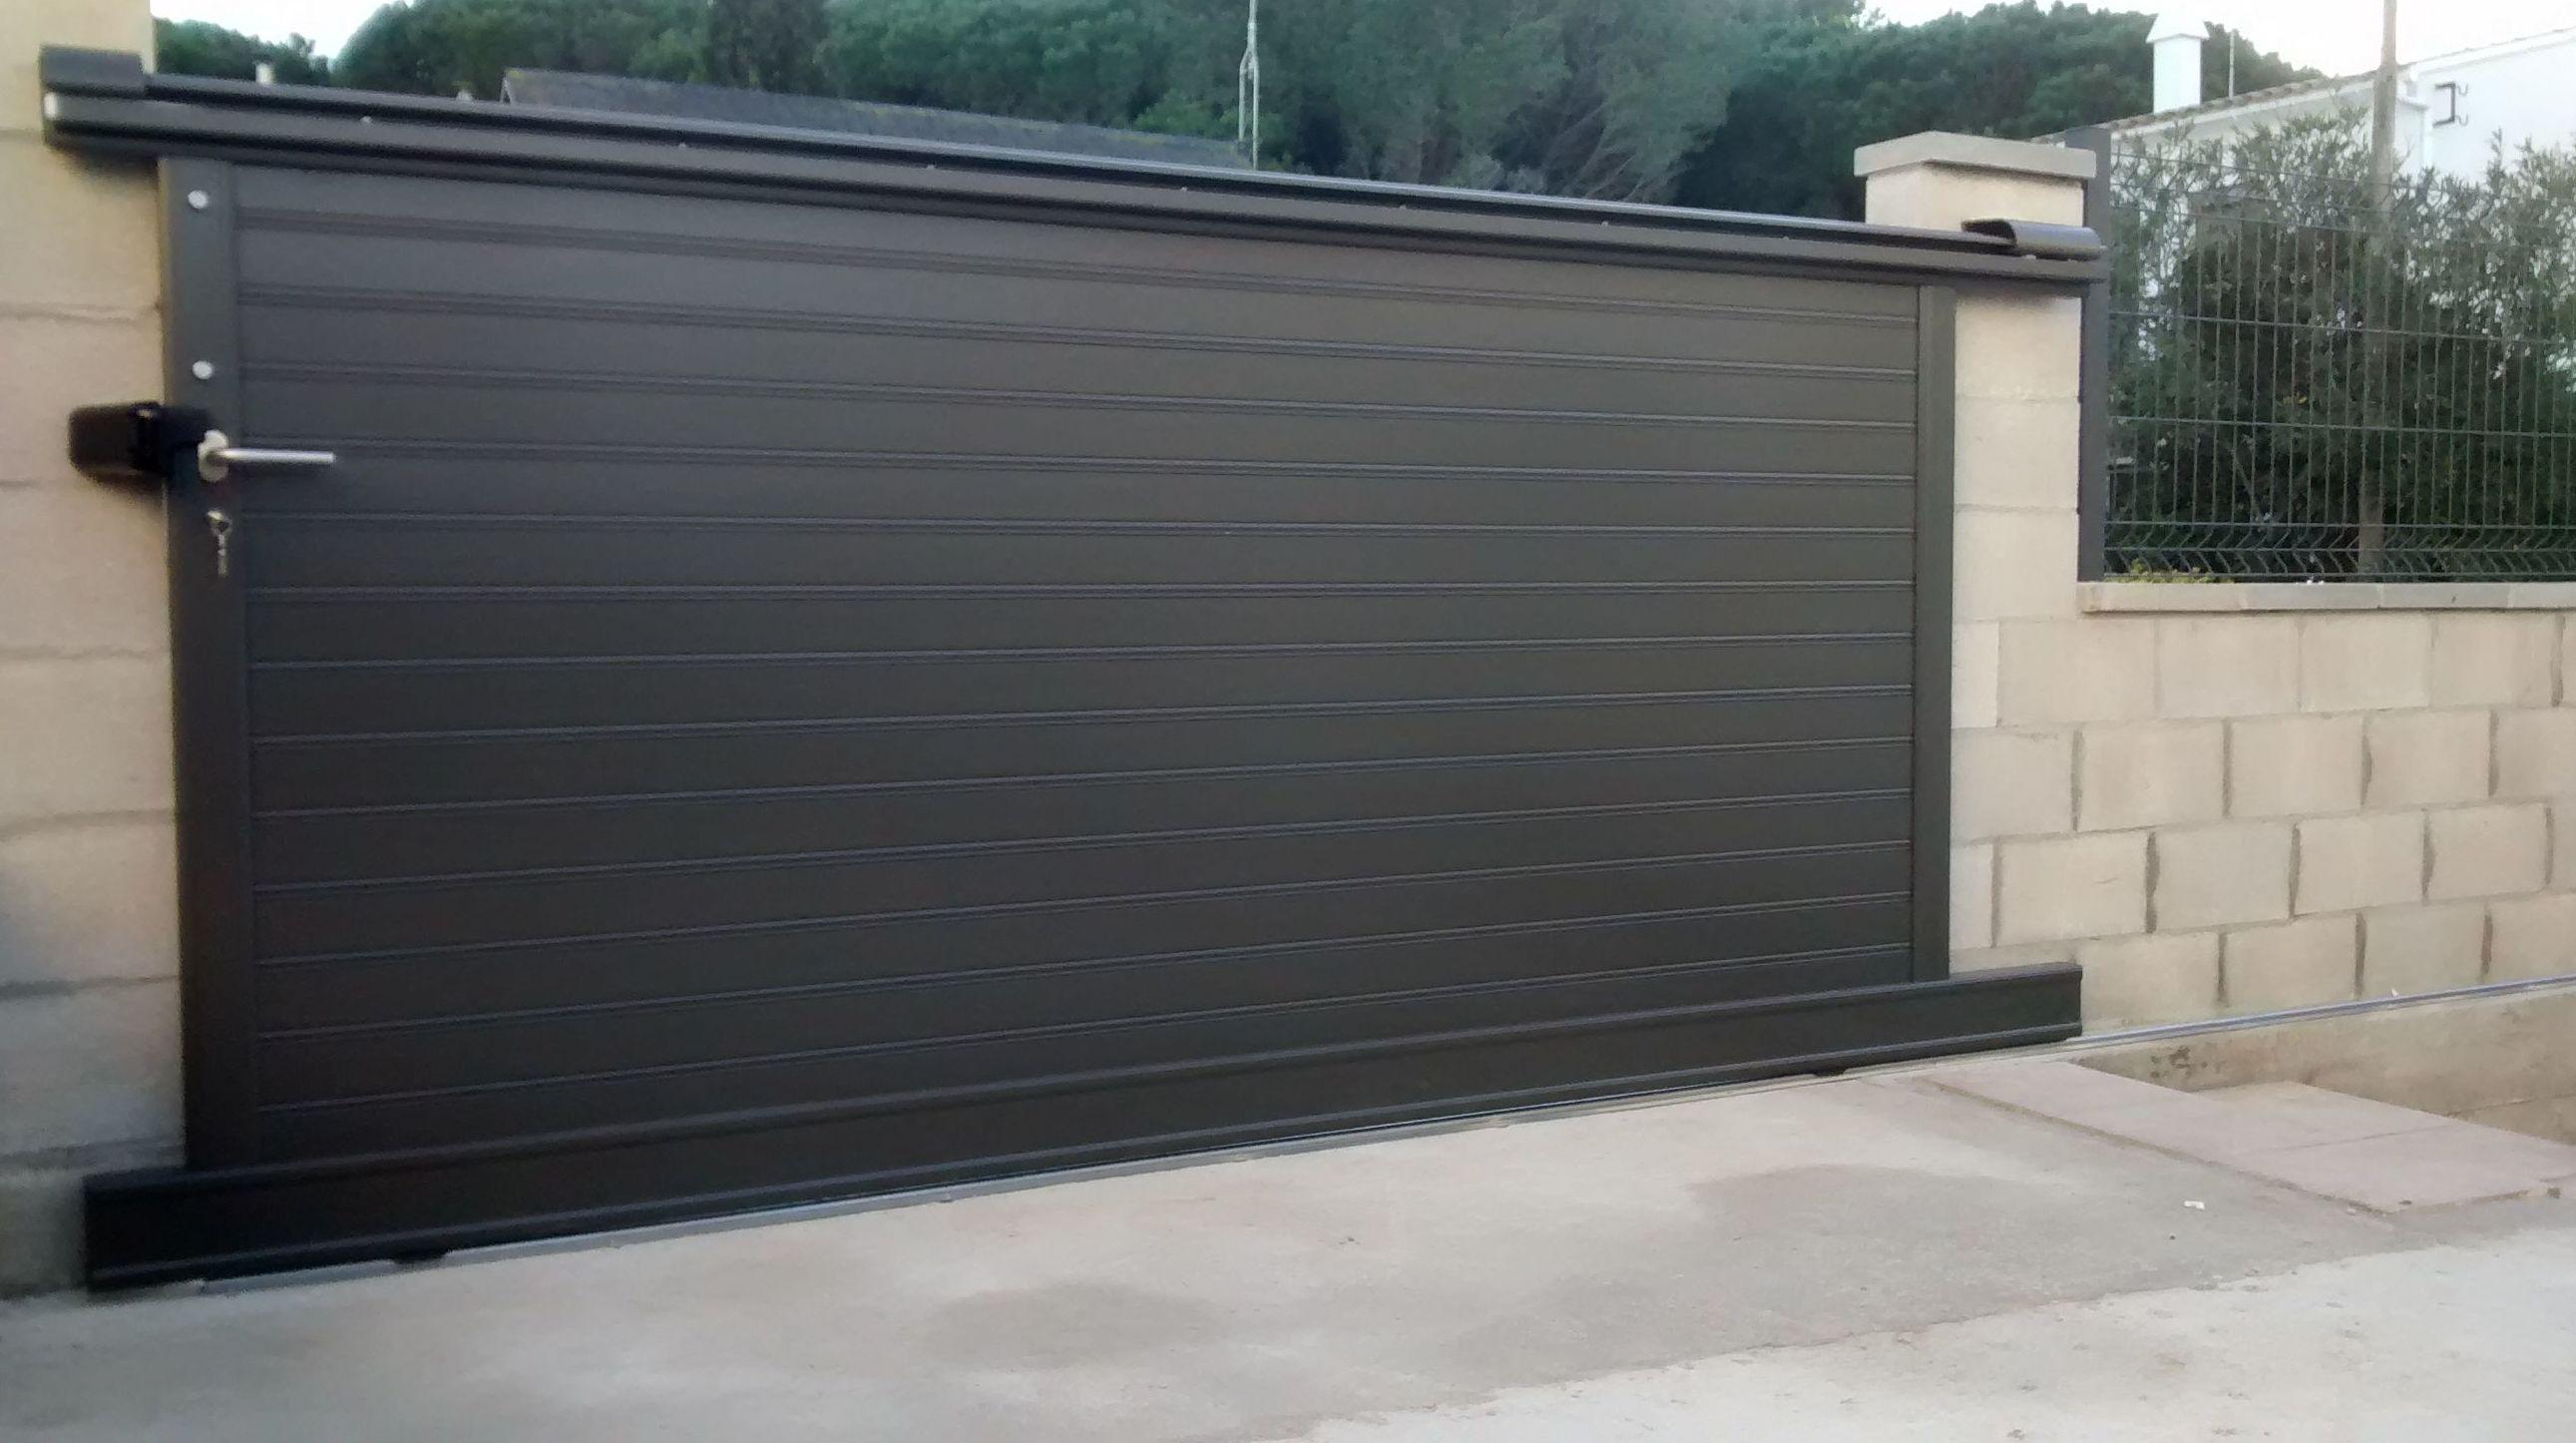 Puertas metalicas jardin elegant puerta metalica mod for Puertas jardin aluminio